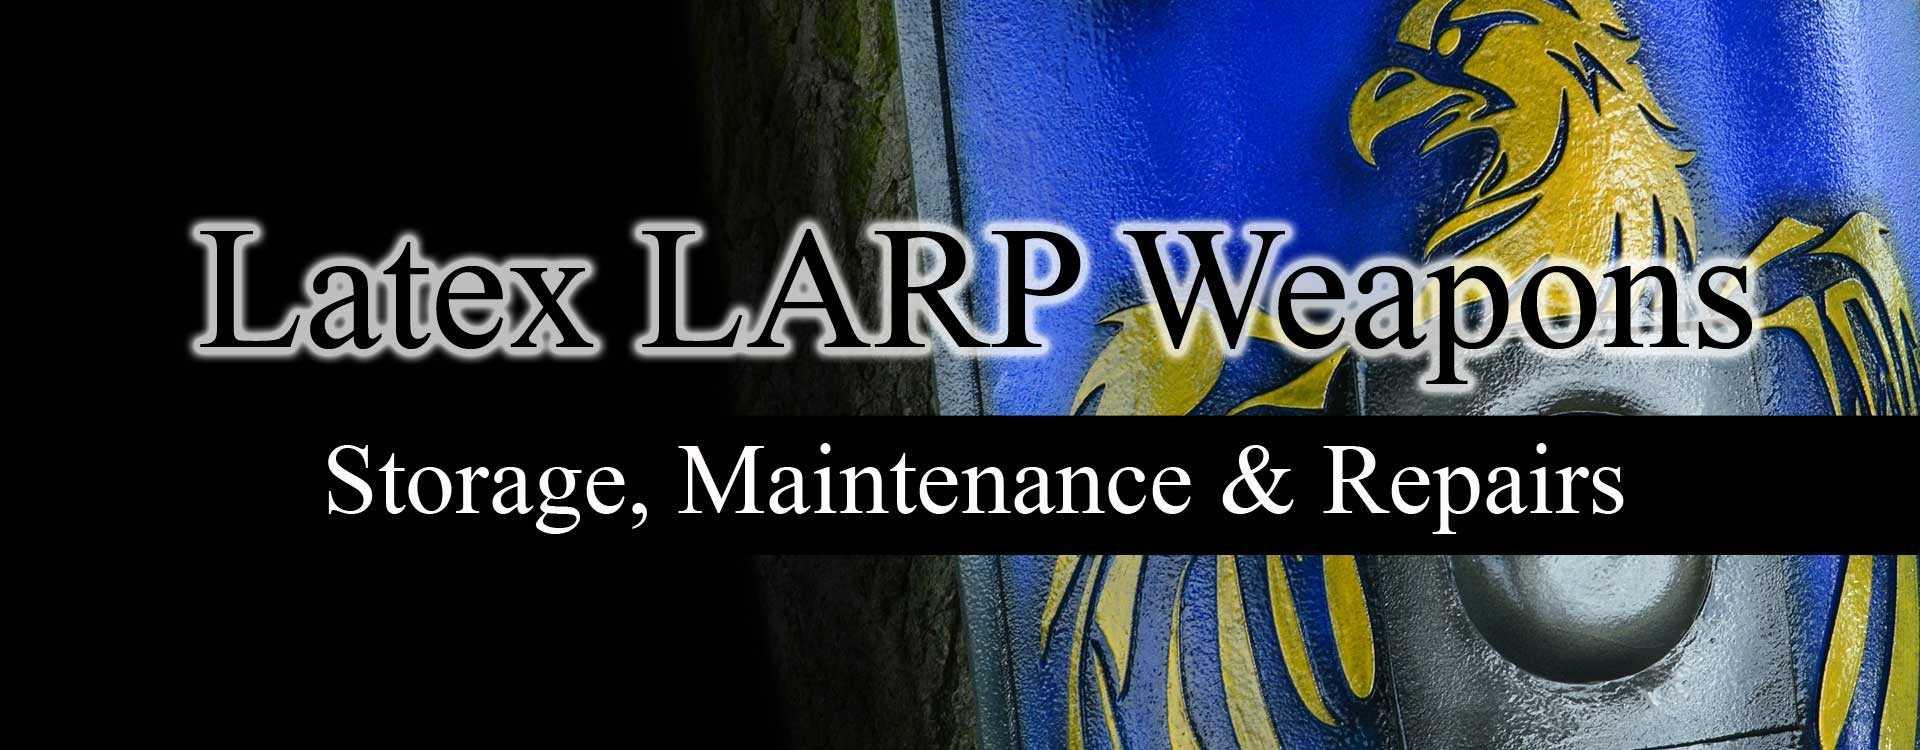 Latex LARP Weapon Maintenance, Storage & Repairs